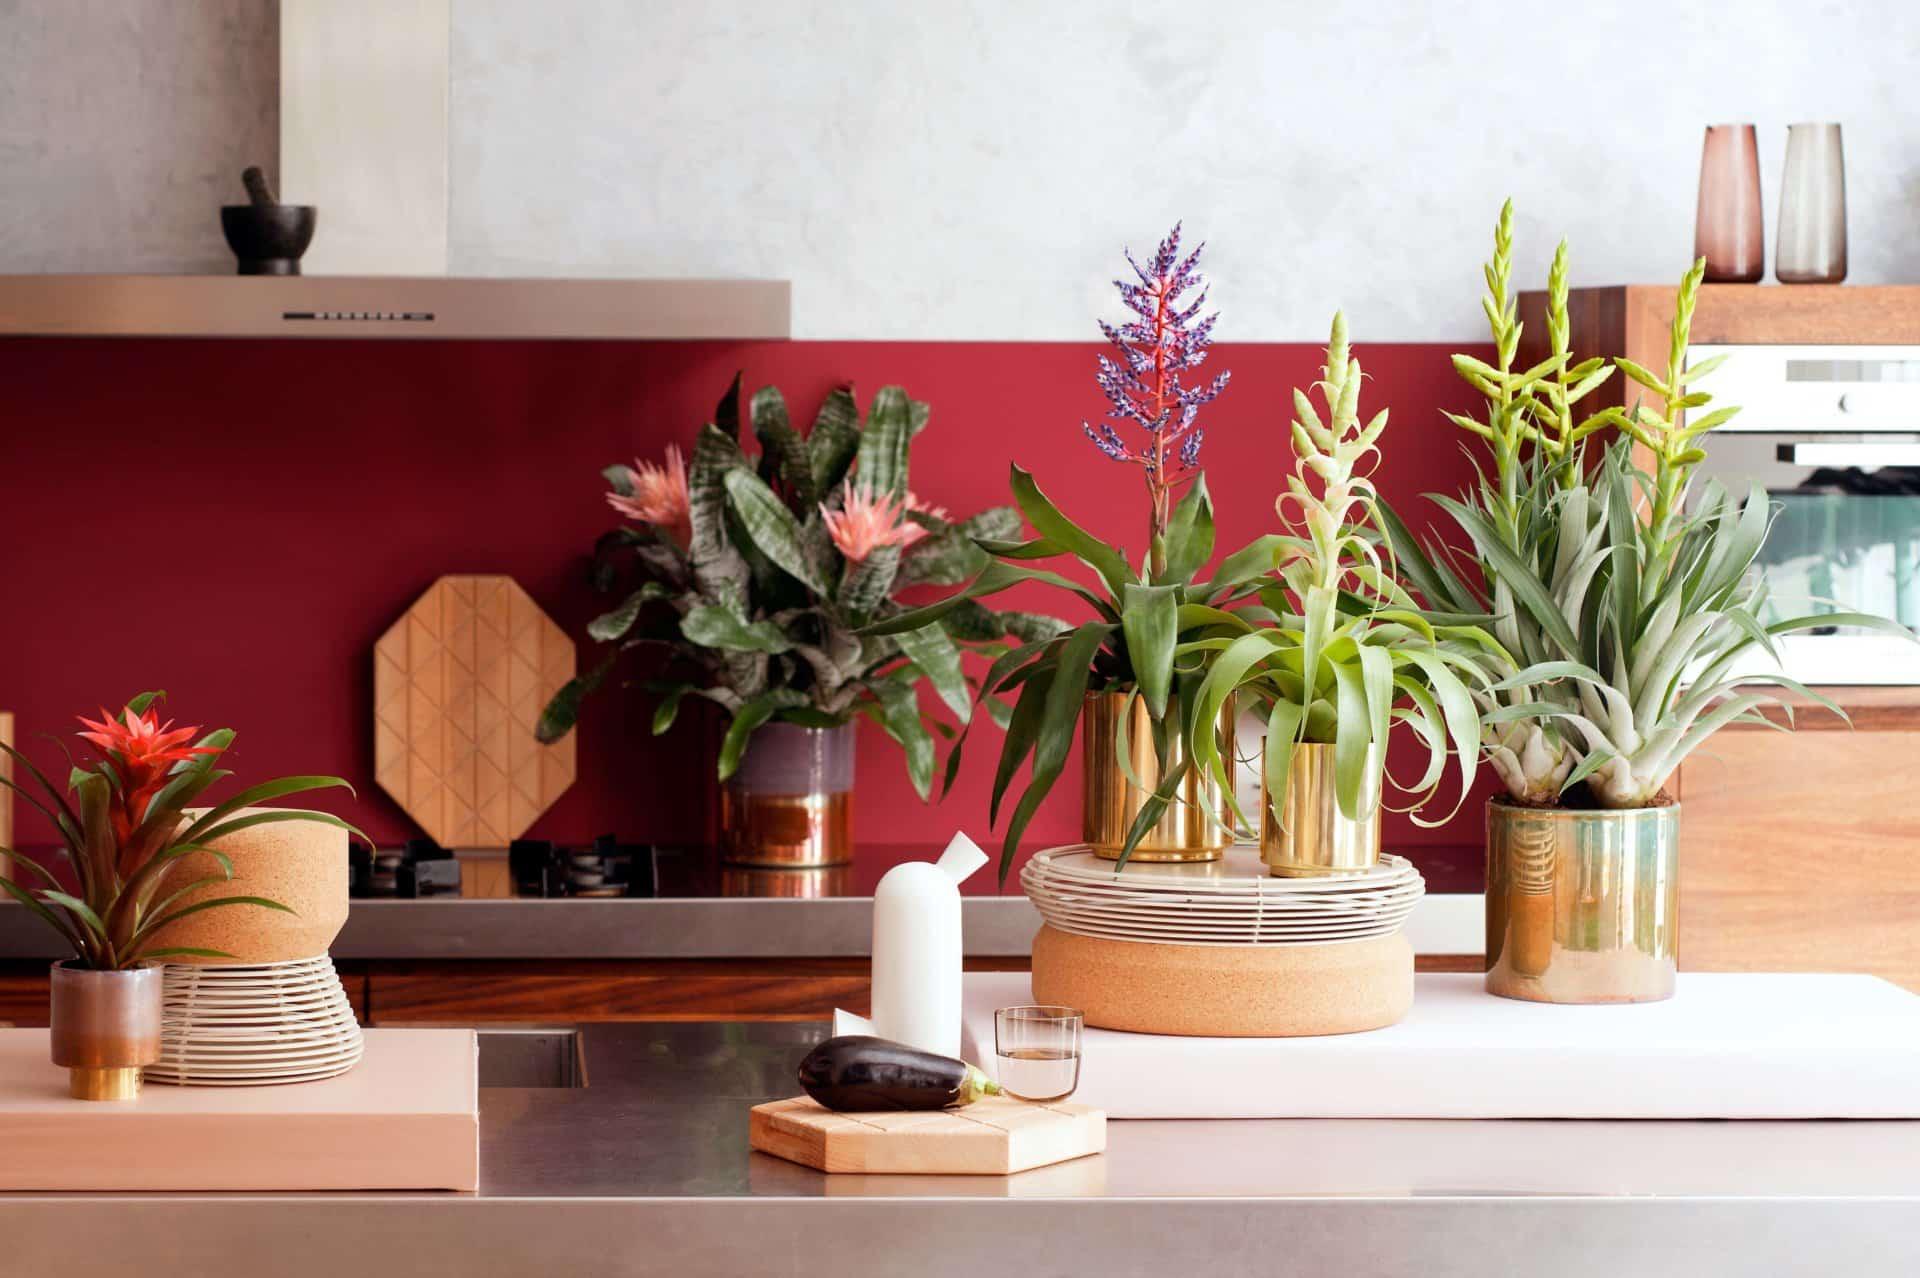 Quelle plante fleurie pour intérieur ?